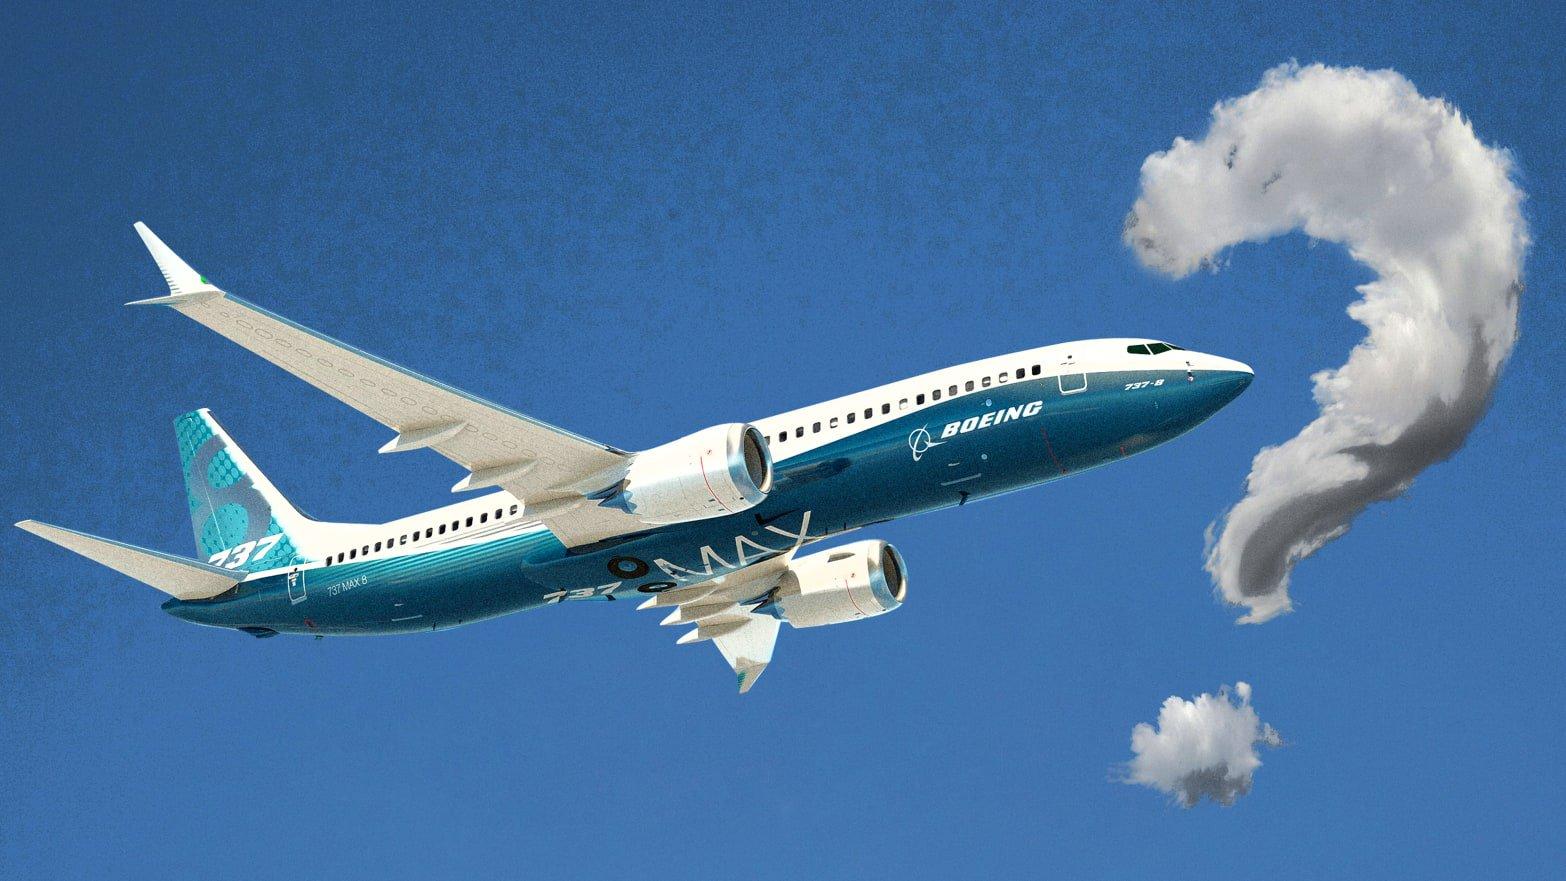 737 MAX Được Mỹ Khai Thác Sau Lệnh Cấm 20 Tháng